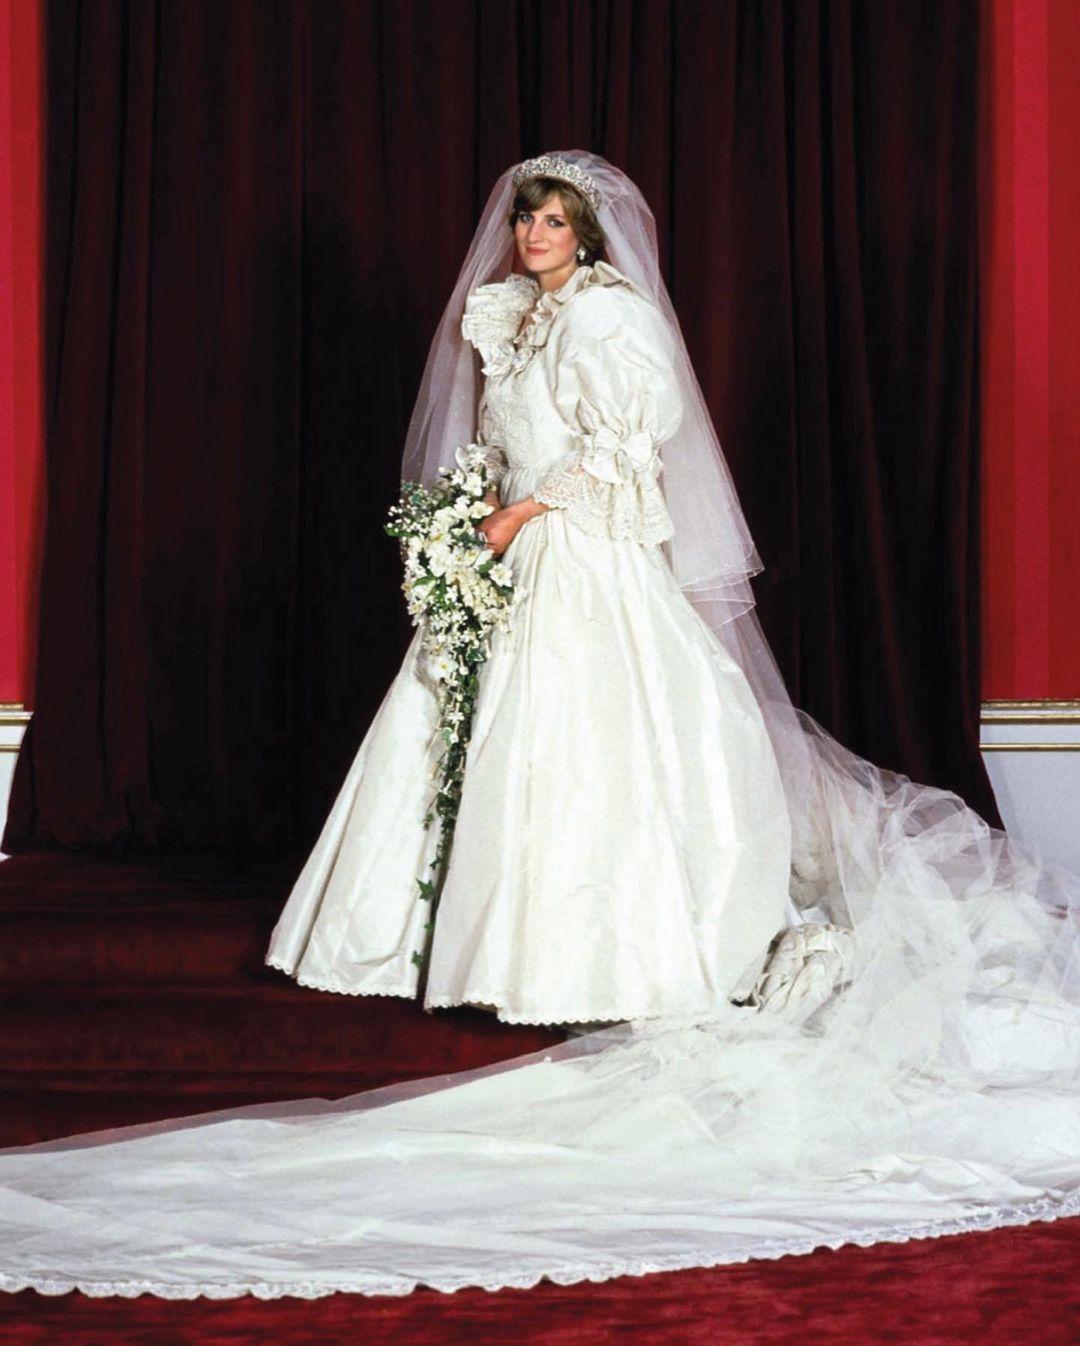 Príncipe Harry relembra gatilhos com a morte da mãe e pensamentos suicidas de Meghan Markle (Foto: Reprodução/Instagram)